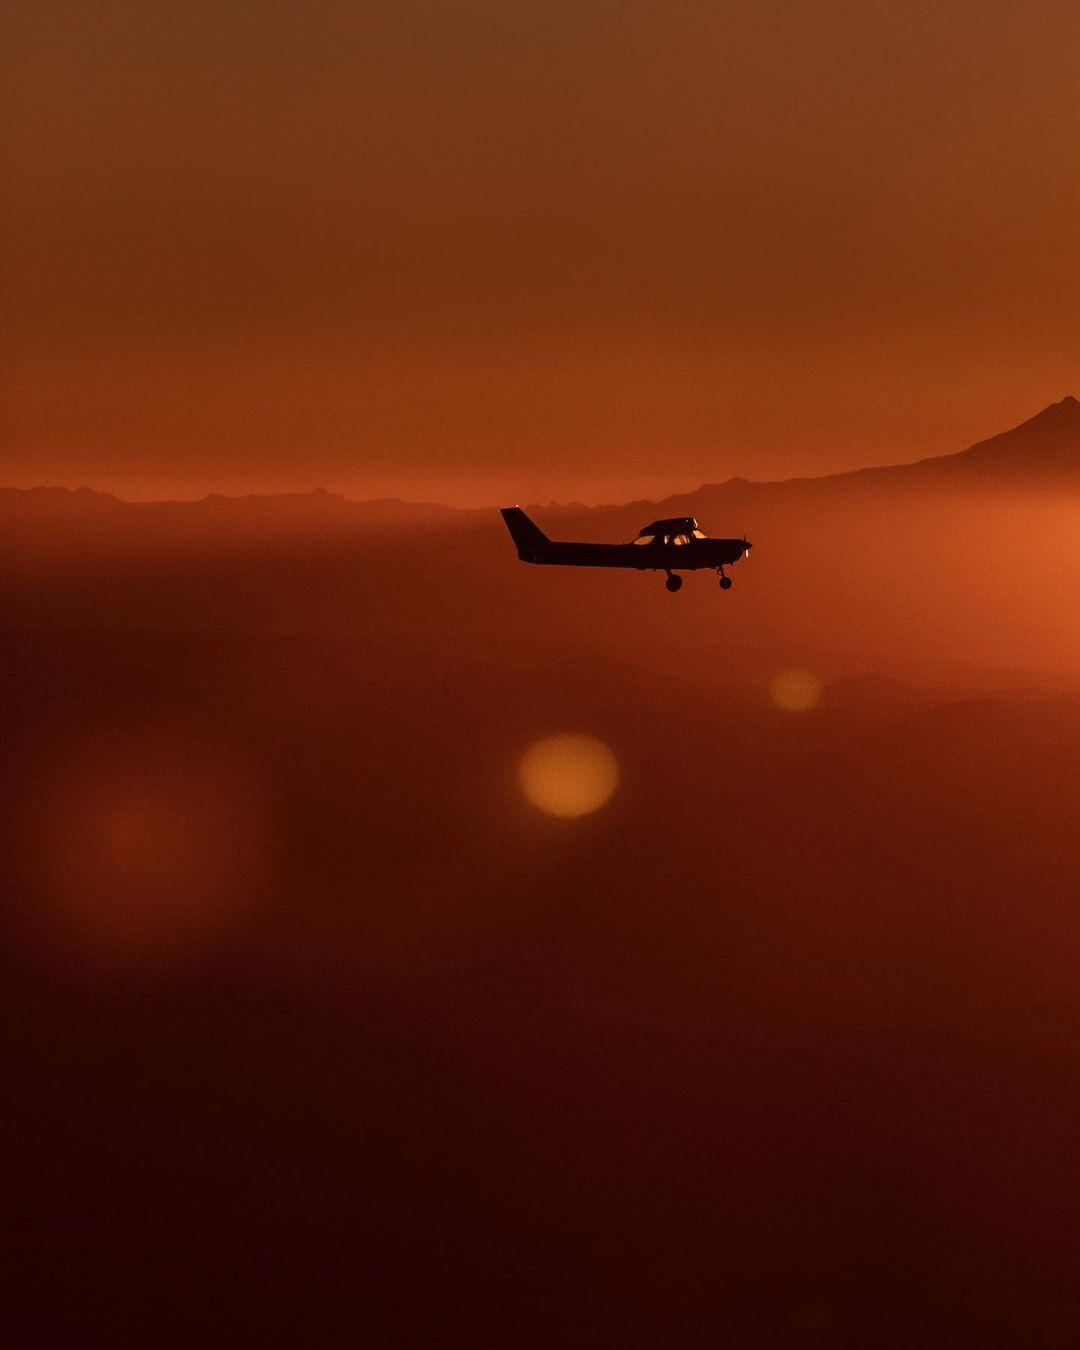 Впечатляющие снимки из путешествий Эндрю Студера